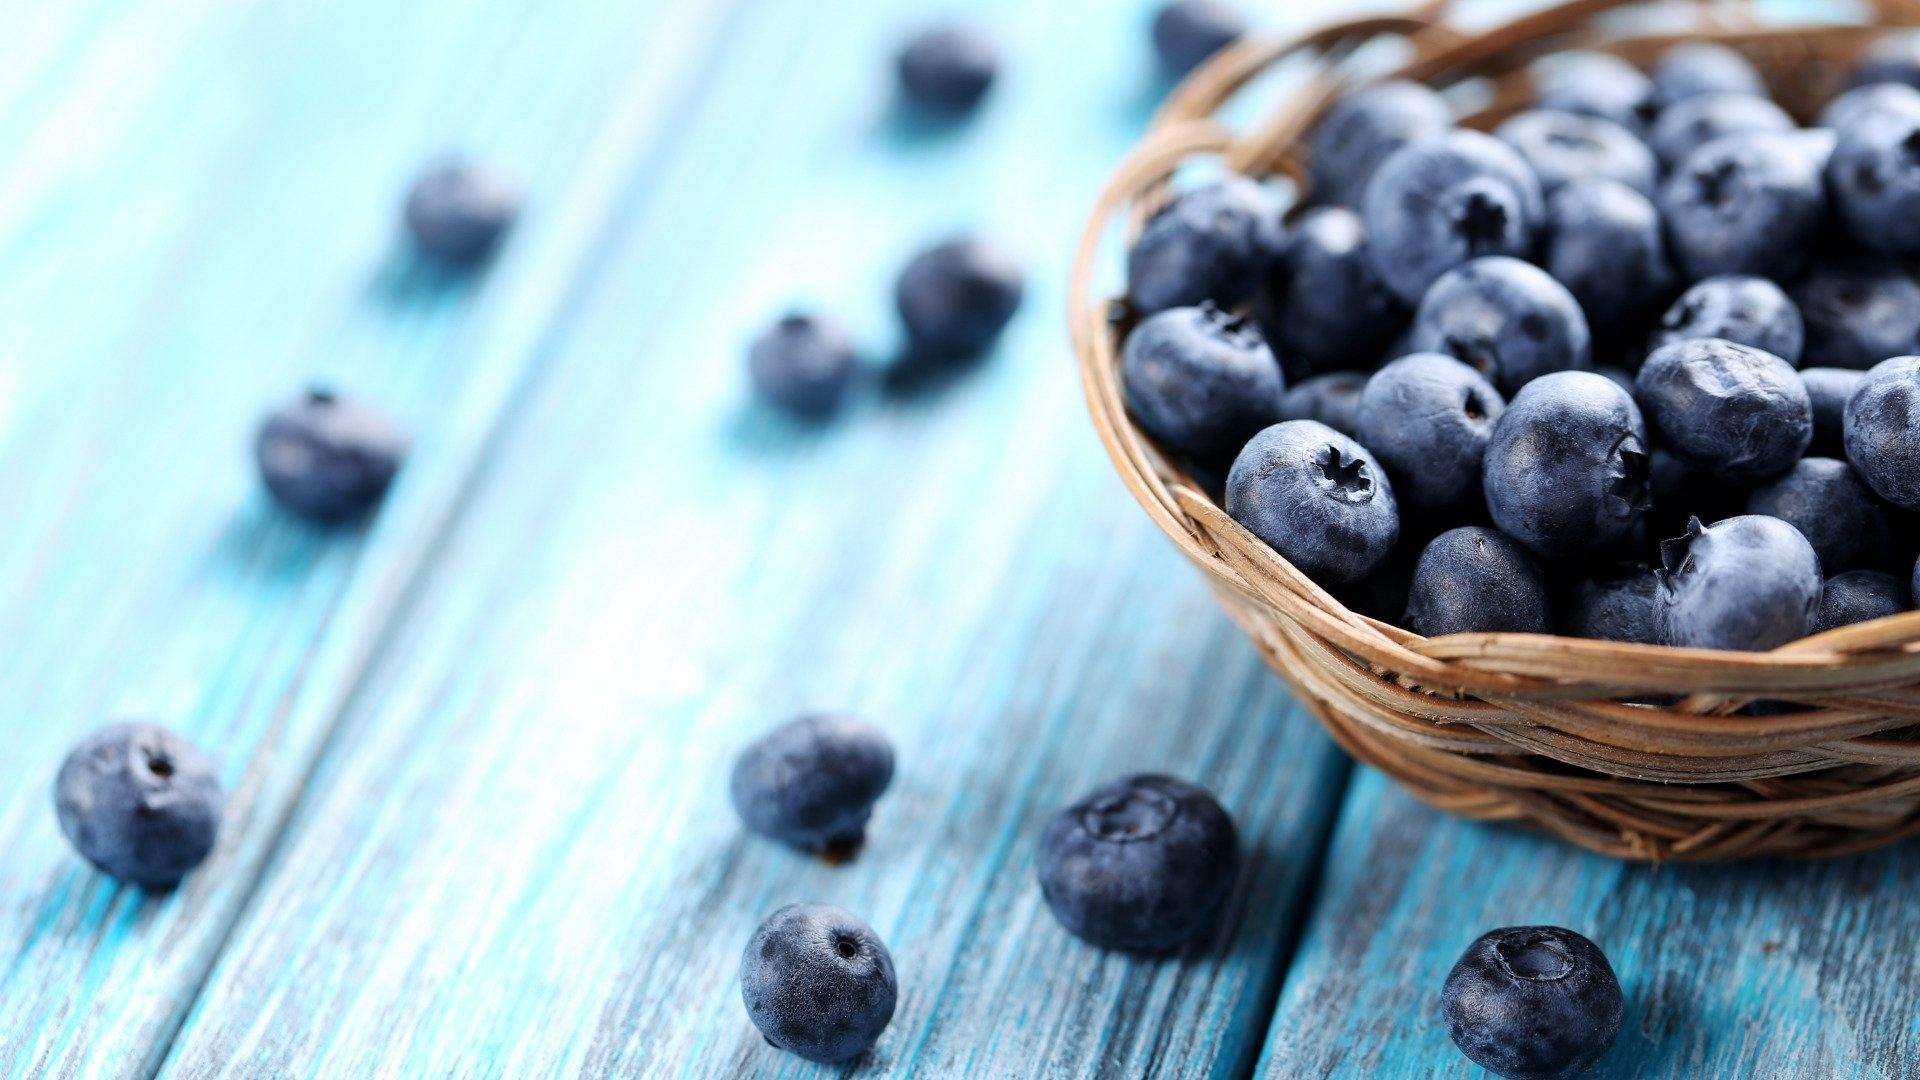 Blueberries wallpaper for desktop